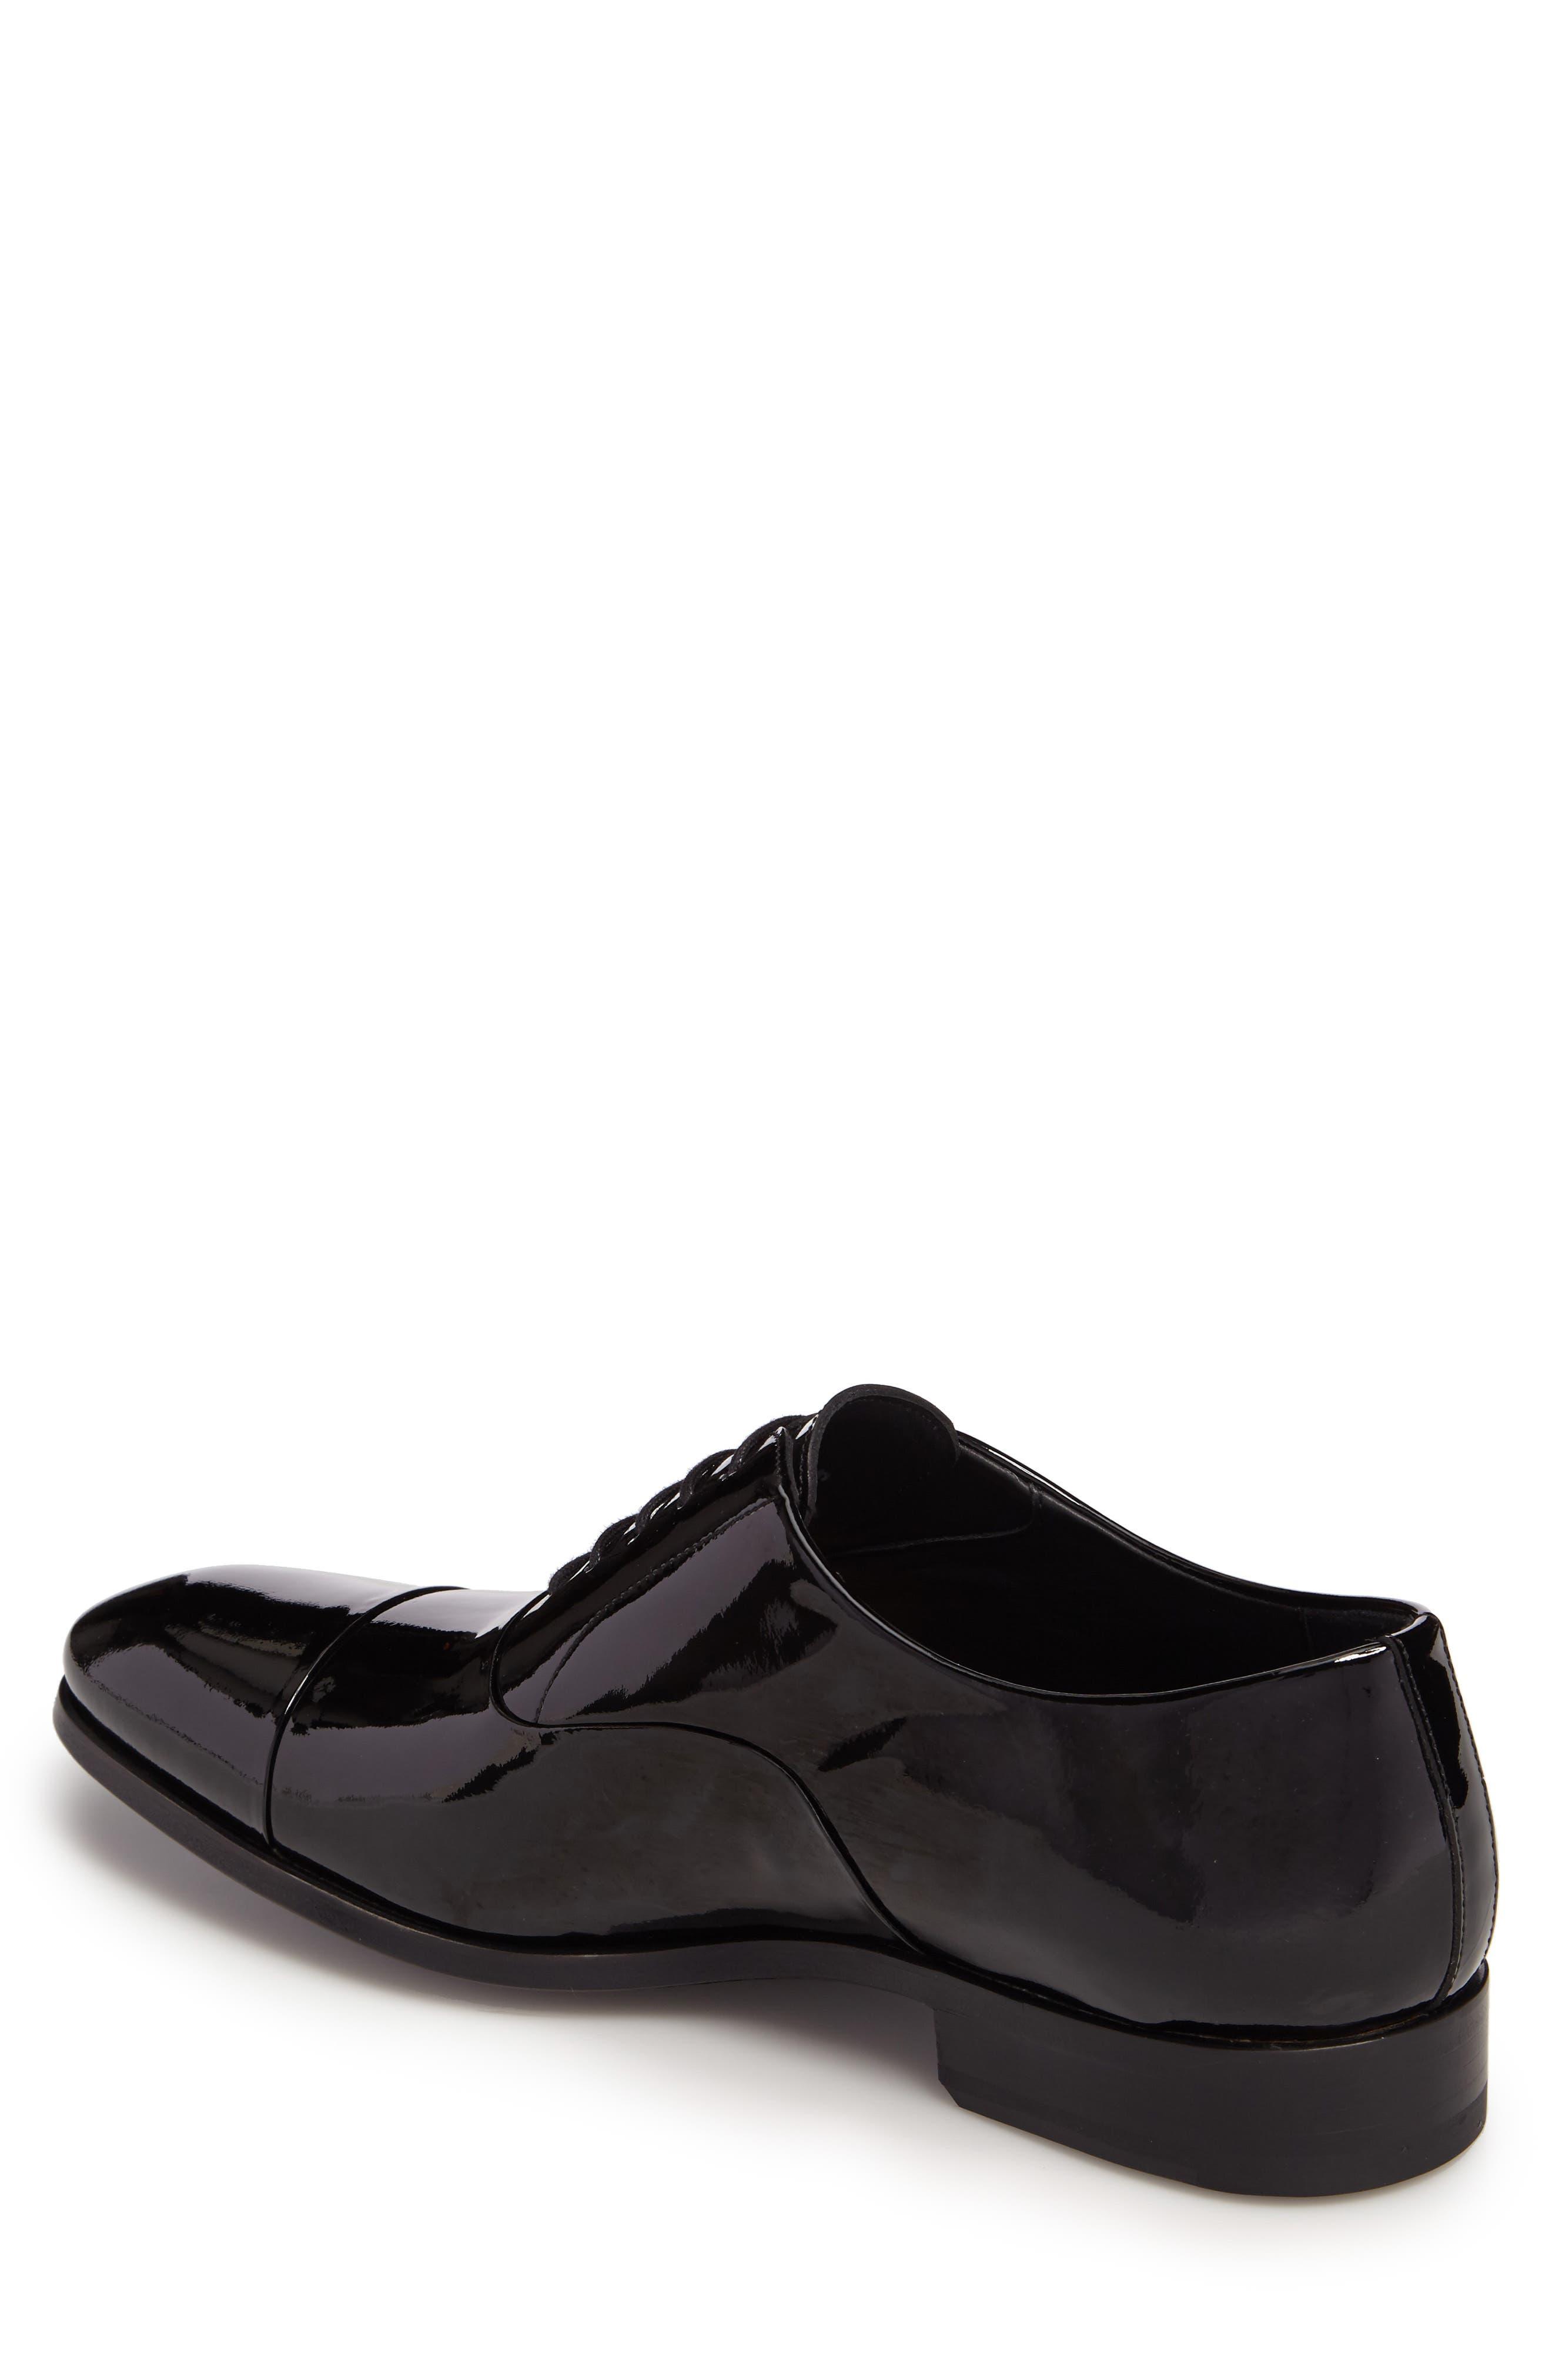 Davian Cap Toe Oxford,                             Alternate thumbnail 2, color,                             Black Patent